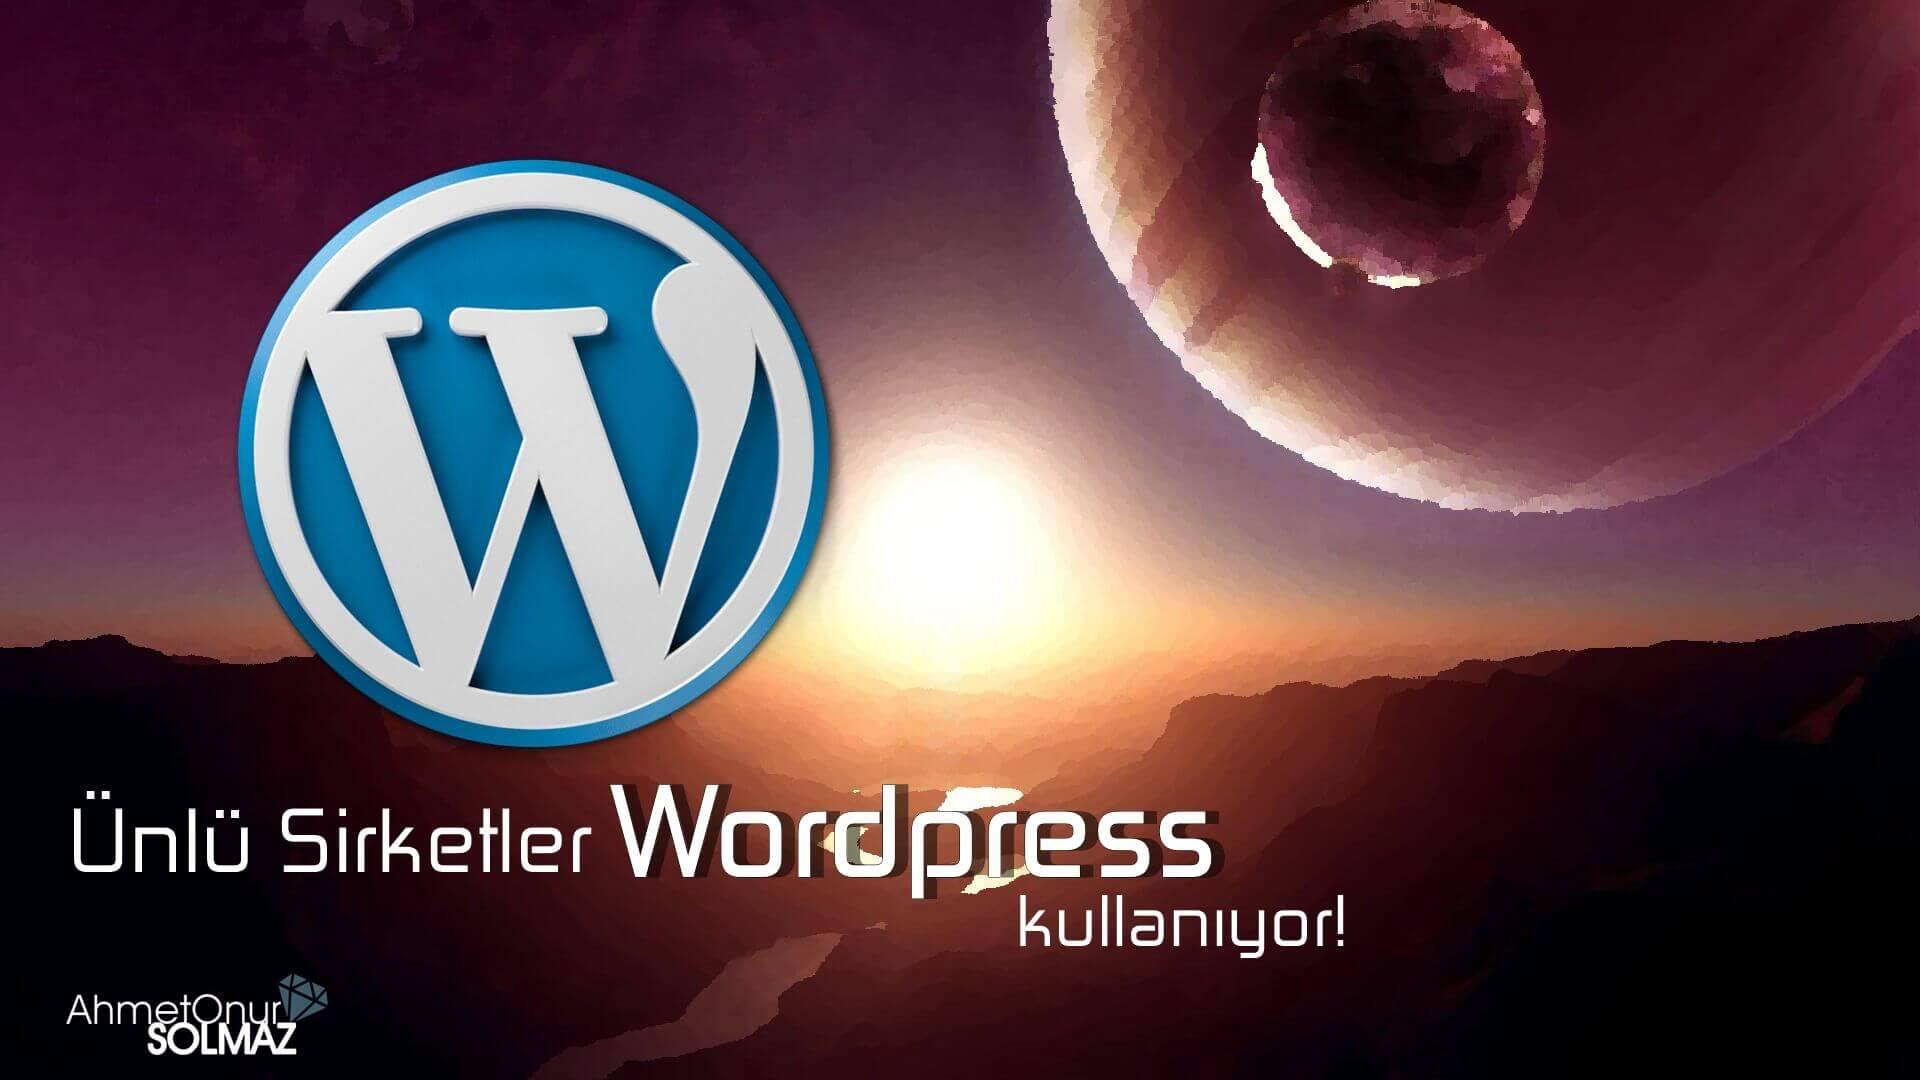 Ünlü Şirketler Wordpress Kullanıyor